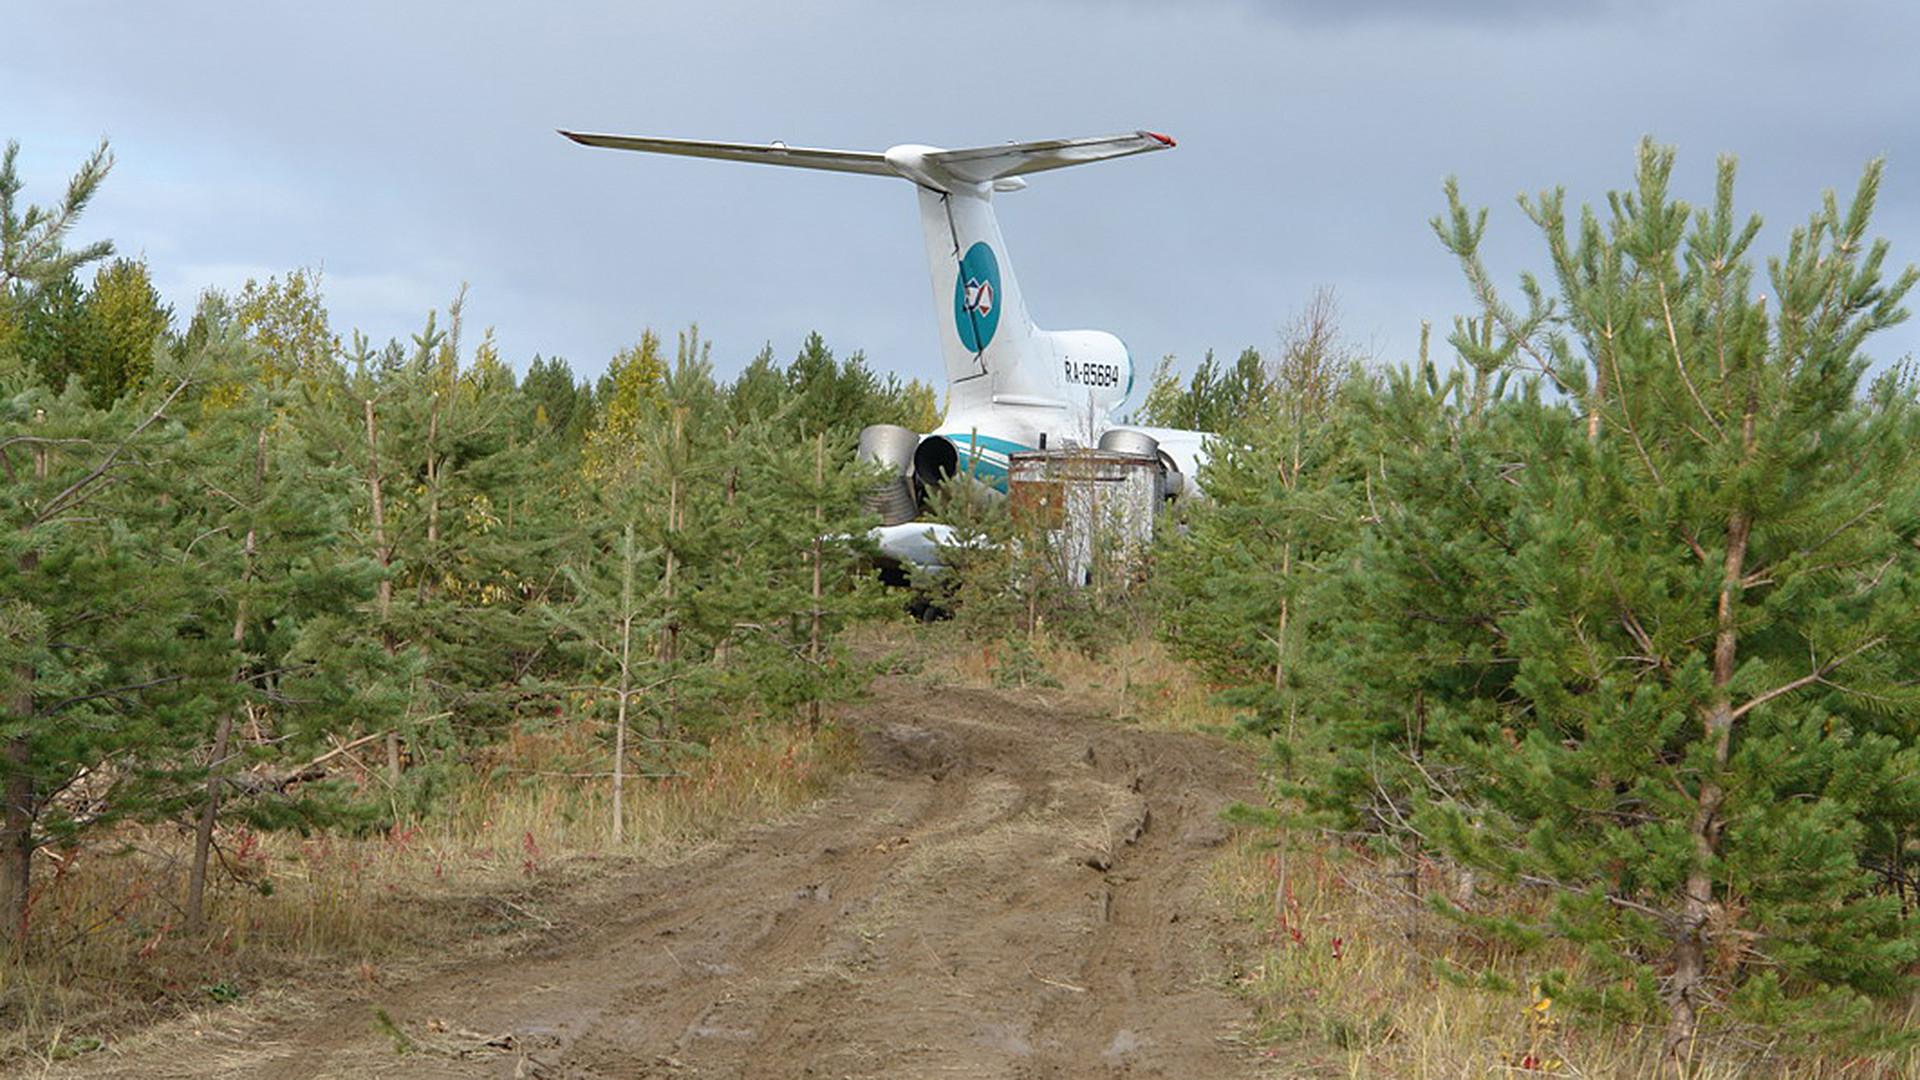 Zrakoplov Tu-154, koji se zbog kvara prisilno spustio na aerodrom u ruskoj republici Komi.